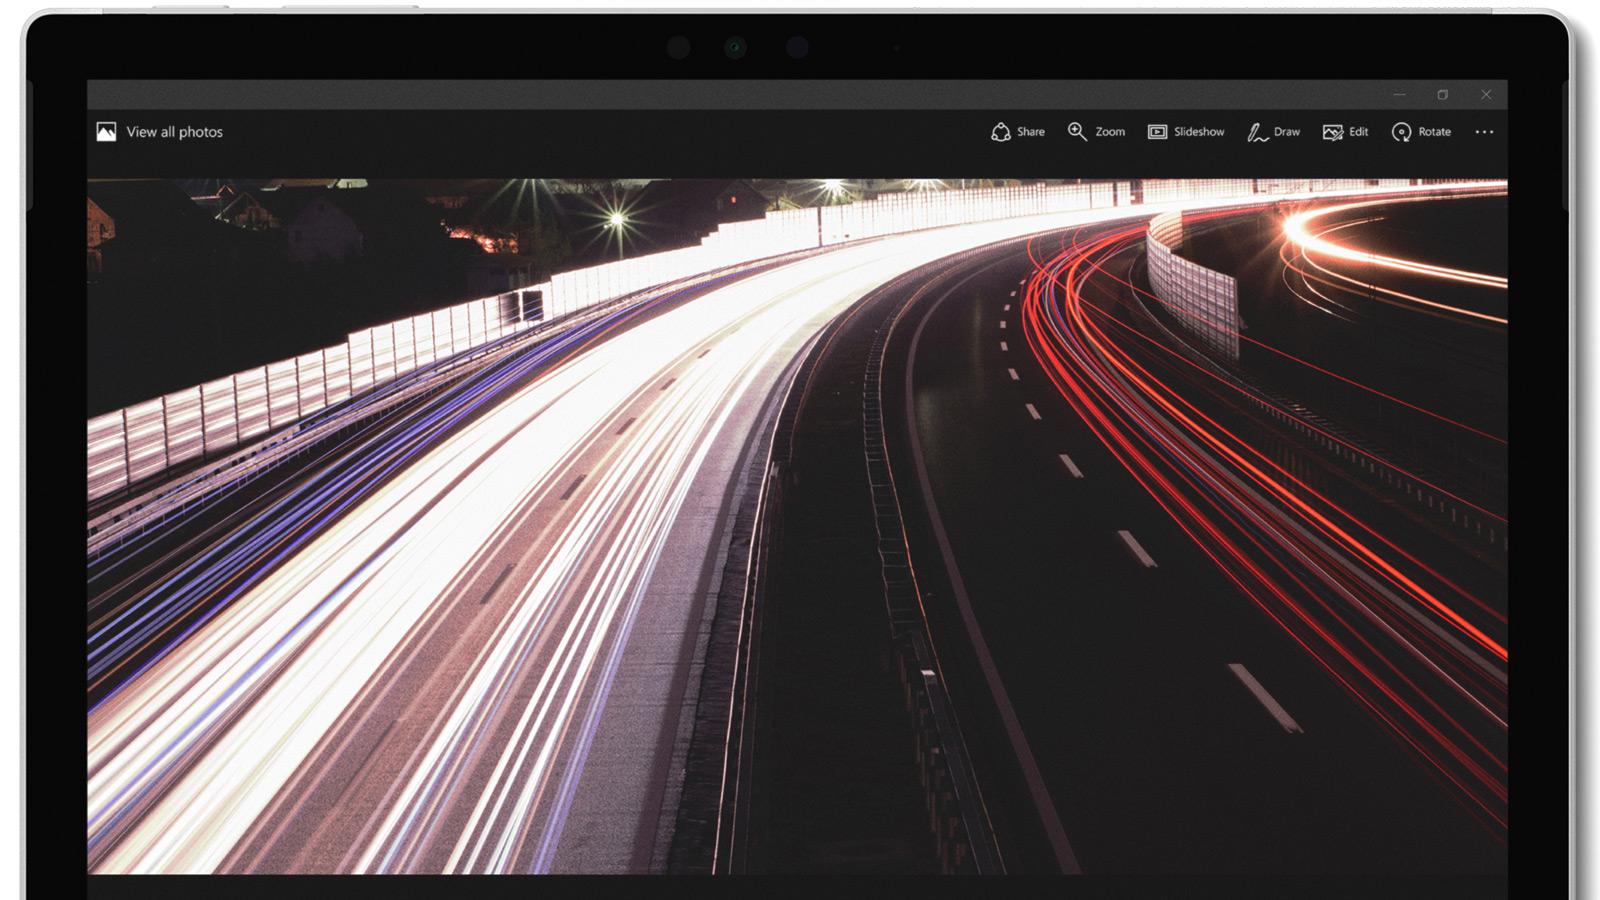 생동감 넘치는 색상과 선명한 해상도의 Surface Pro 12.3인치 PixelSense™ 디스플레이